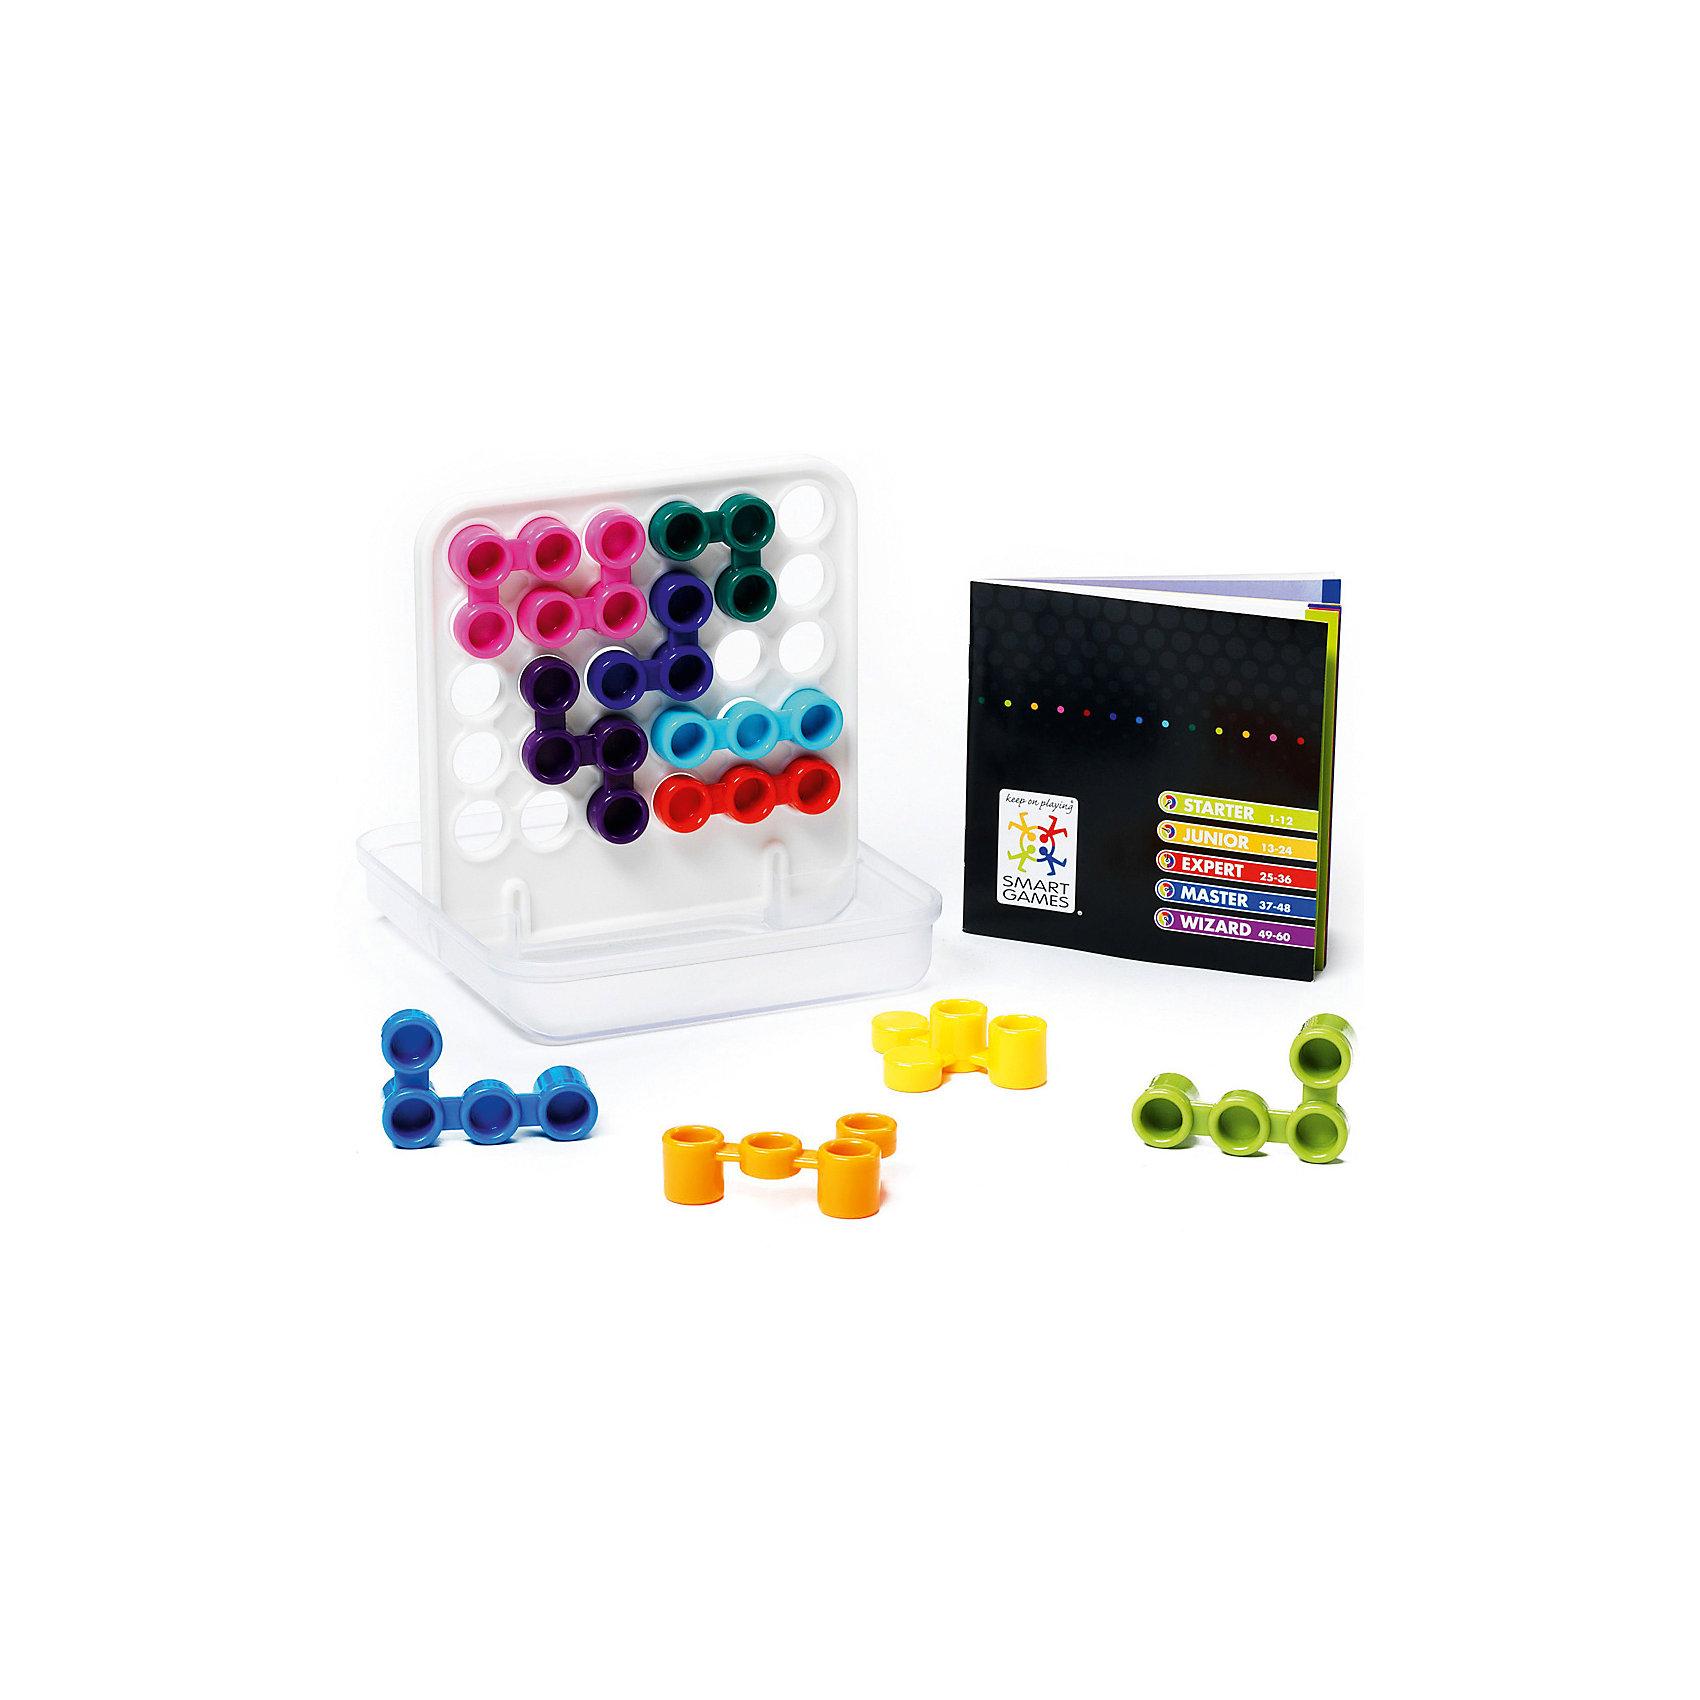 Логическая игра Дуплекс, BondibonНастольные игры<br>Характеристики:<br><br>• Вид игр: настольные игры<br>• Пол: универсальный<br>• Материал: пластик, бумага, картон<br>• Количество игроков: 1<br>• Количество уровней сложности: 5<br>• Количество заданий: 60<br>• Размер (Д*Ш*В): 15,5*5,5*18 см<br>• Вес: 360 г<br>• Комплектация: игровая двухсторонняя доска, 11 разноцветных деталей, блокнот с заданиями и ответами, инструкция<br><br>Логическая игра Дуплекс, Bondibon – это настольная игра от всемирно известного производителя детских игр развивающей и обучающей направленности. Smart Games – это серия логических игр, предназначенная для одного игрока с несколькими уровнями сложности и множеством заданий. Цель игры Дуплекс заключается в том, чтобы закрыть все видимые отверстия за счет расположения разноцветных элементов на поле. Элементы игры выполнены из качественного и безопасного пластика, упакованы в картонную коробку. В комплекте имеется инструкция с правилами игры и буклет с заданиями.<br><br>Логические игры Smart Games от Bondibon научат ребенка логическому и пространственному мышлению, концентрации внимания и выработке индивидуальной тактики решения игровых задач. Настольные игры от Bondibon – залог развития успешности вашего ребенка в будущем! <br><br>Логическую игру Дуплекс, Bondibon можно купить в нашем интернет-магазине.<br><br>Ширина мм: 155<br>Глубина мм: 50<br>Высота мм: 180<br>Вес г: 358<br>Возраст от месяцев: 84<br>Возраст до месяцев: 2147483647<br>Пол: Унисекс<br>Возраст: Детский<br>SKU: 5121963